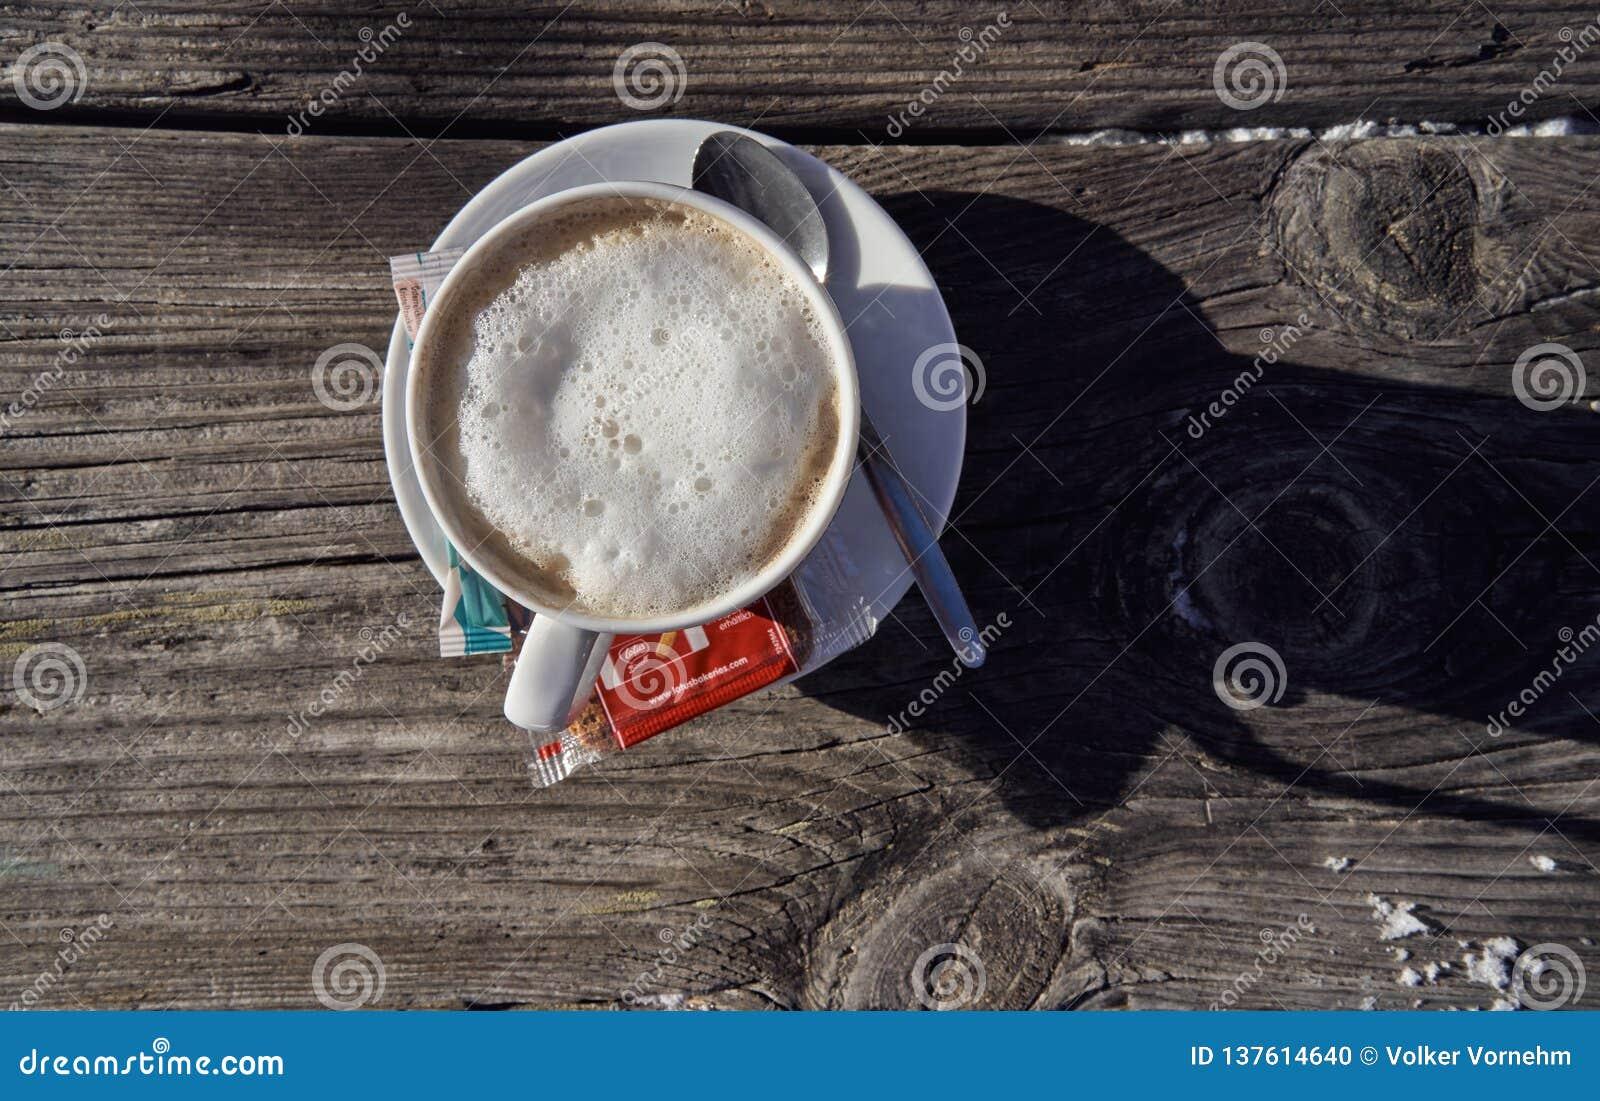 Brunnach Ski Resort, St Oswald, Carinthia, Österrike - Januari 20, 2019: Kopp kaffe som fångas på en gammal trätabell